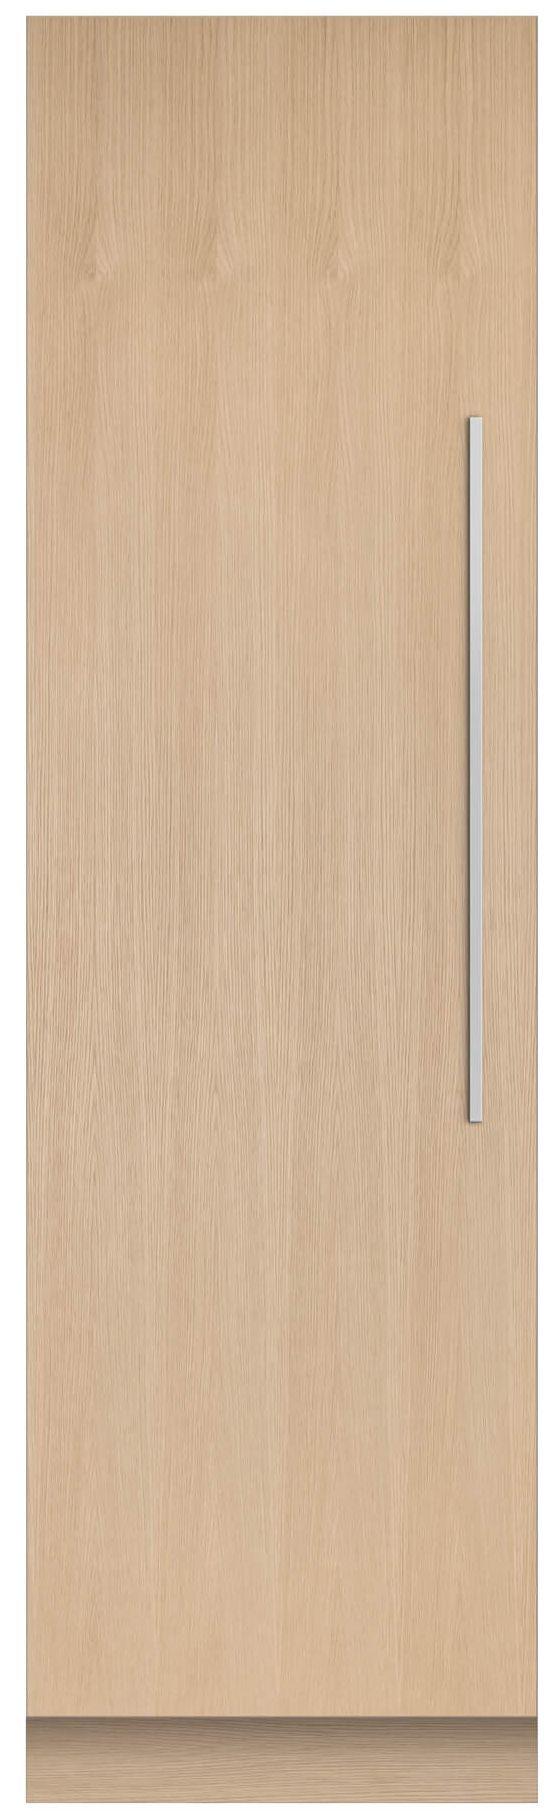 Réfrigérateur en colonne de 30 po Fisher Paykel® de 16,3 pi³ - Prêt pour le panneau-RS3084SL1